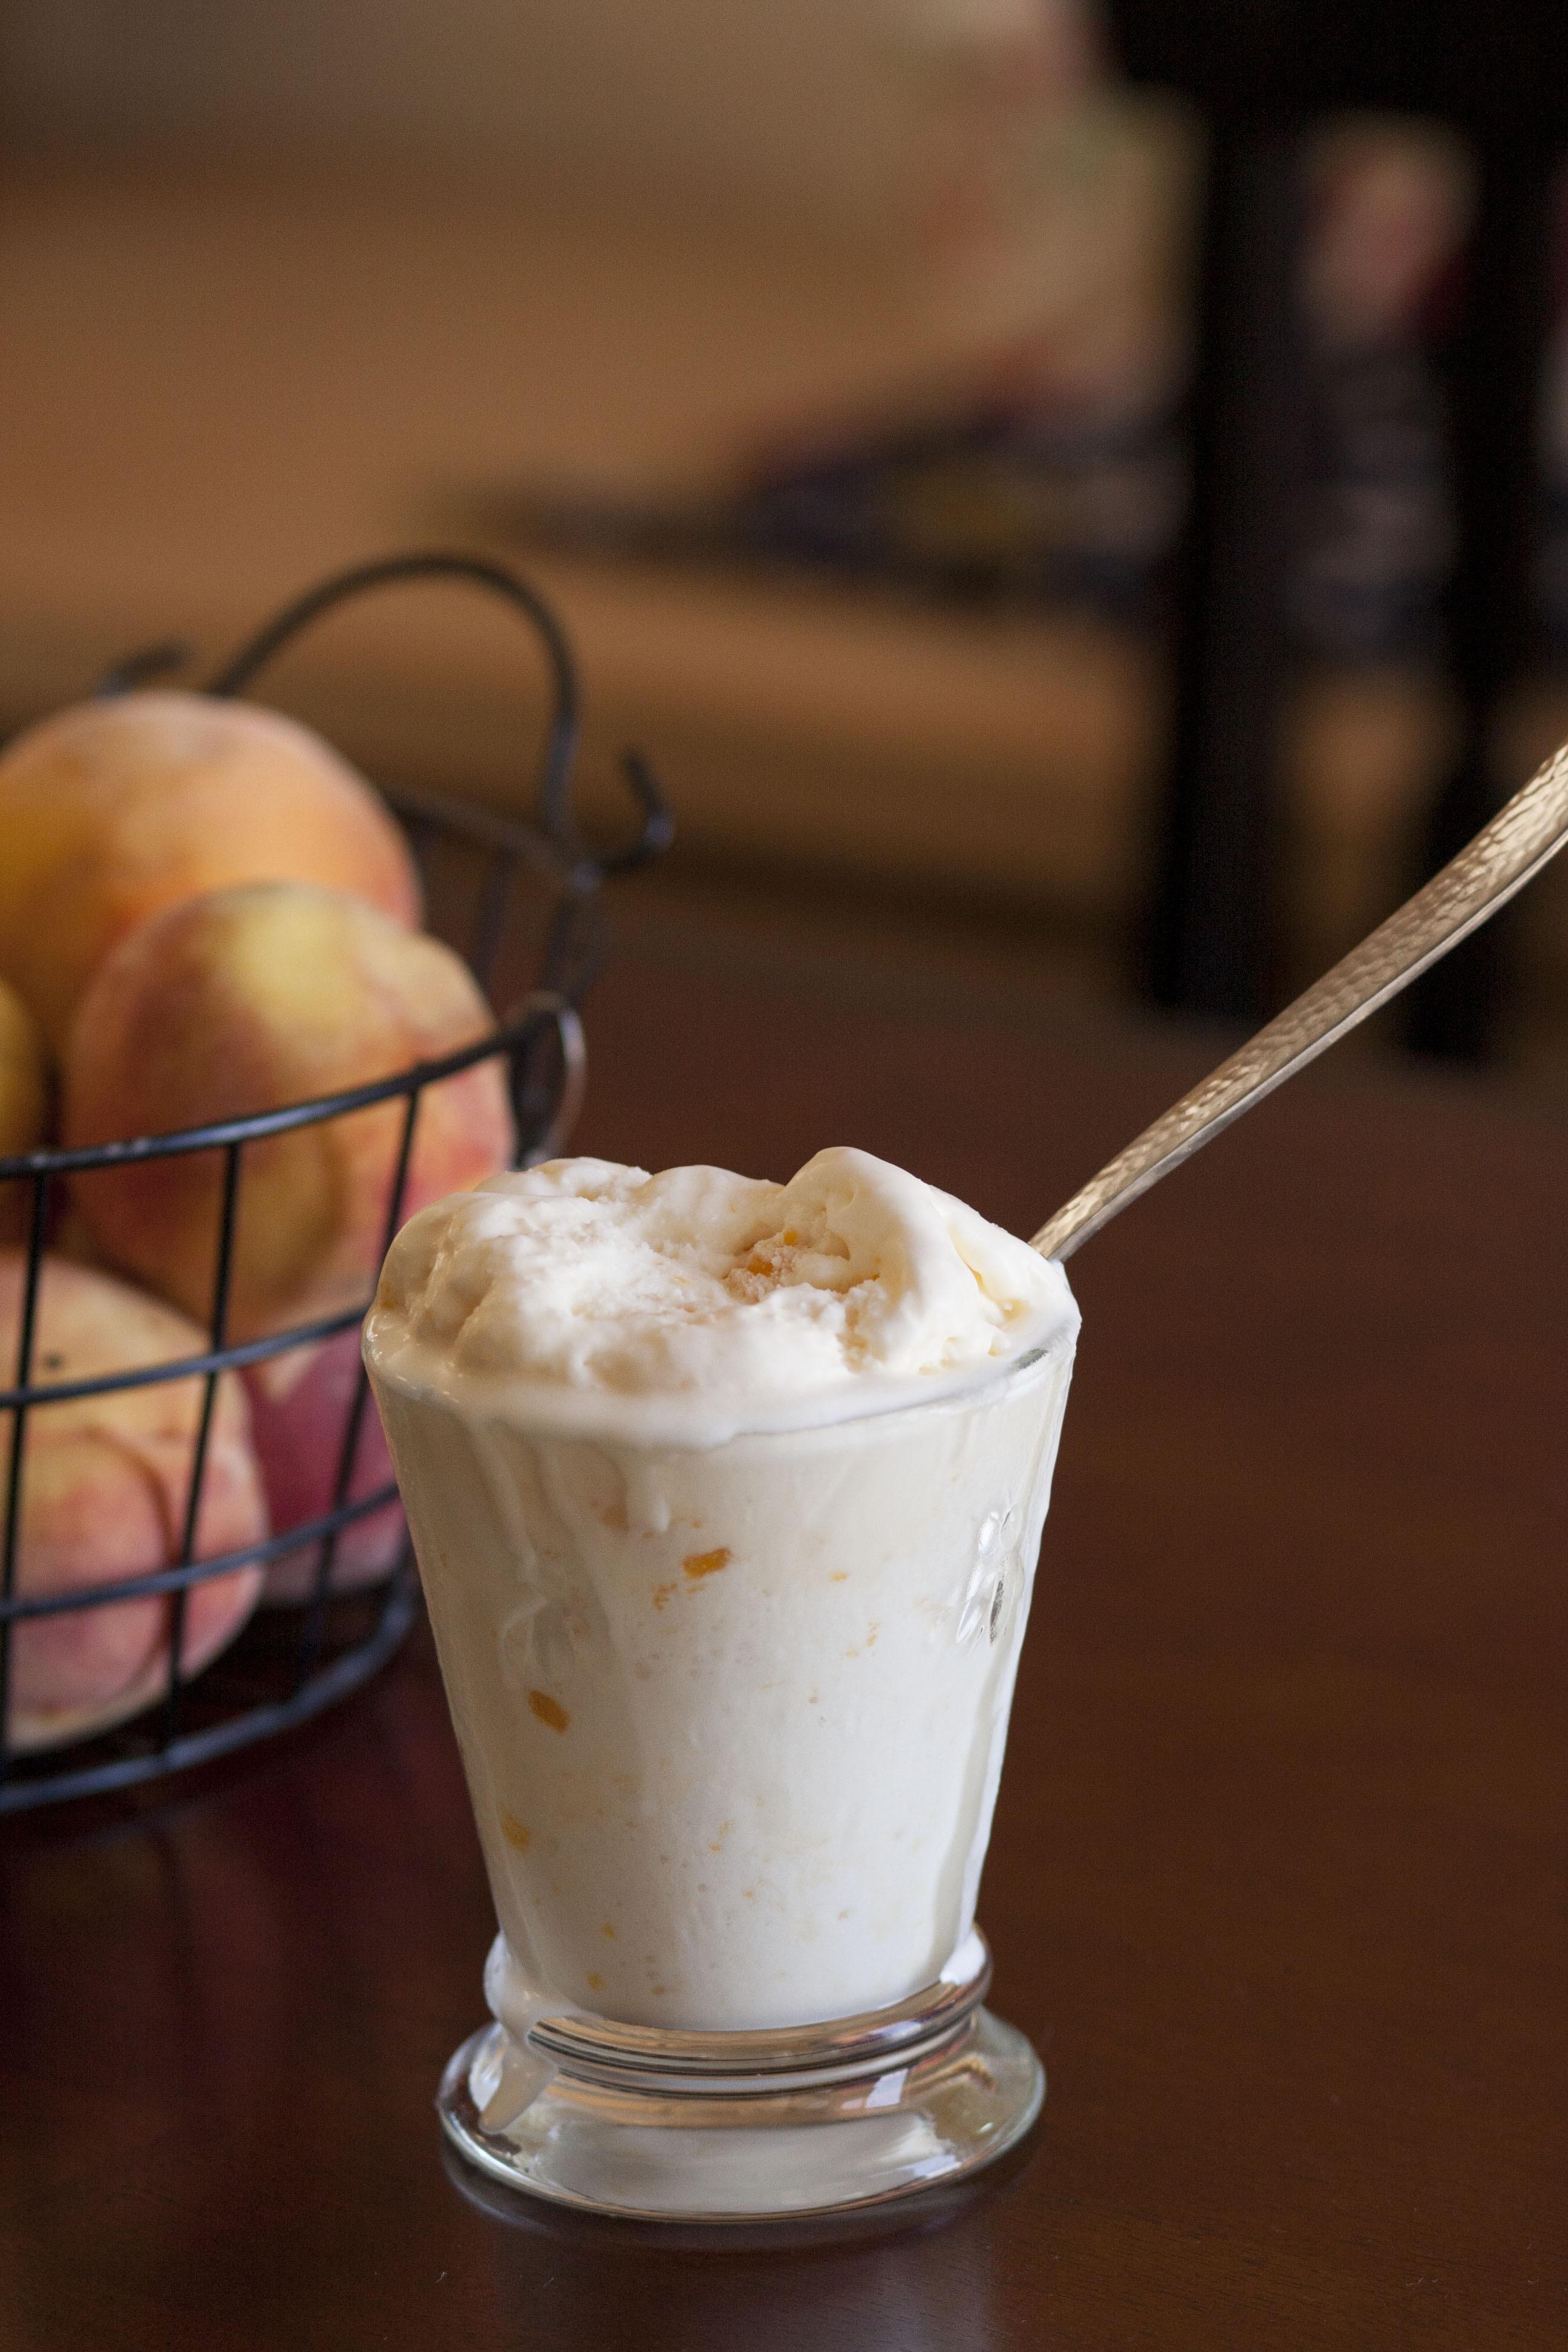 Peaches And Cream Ice cream